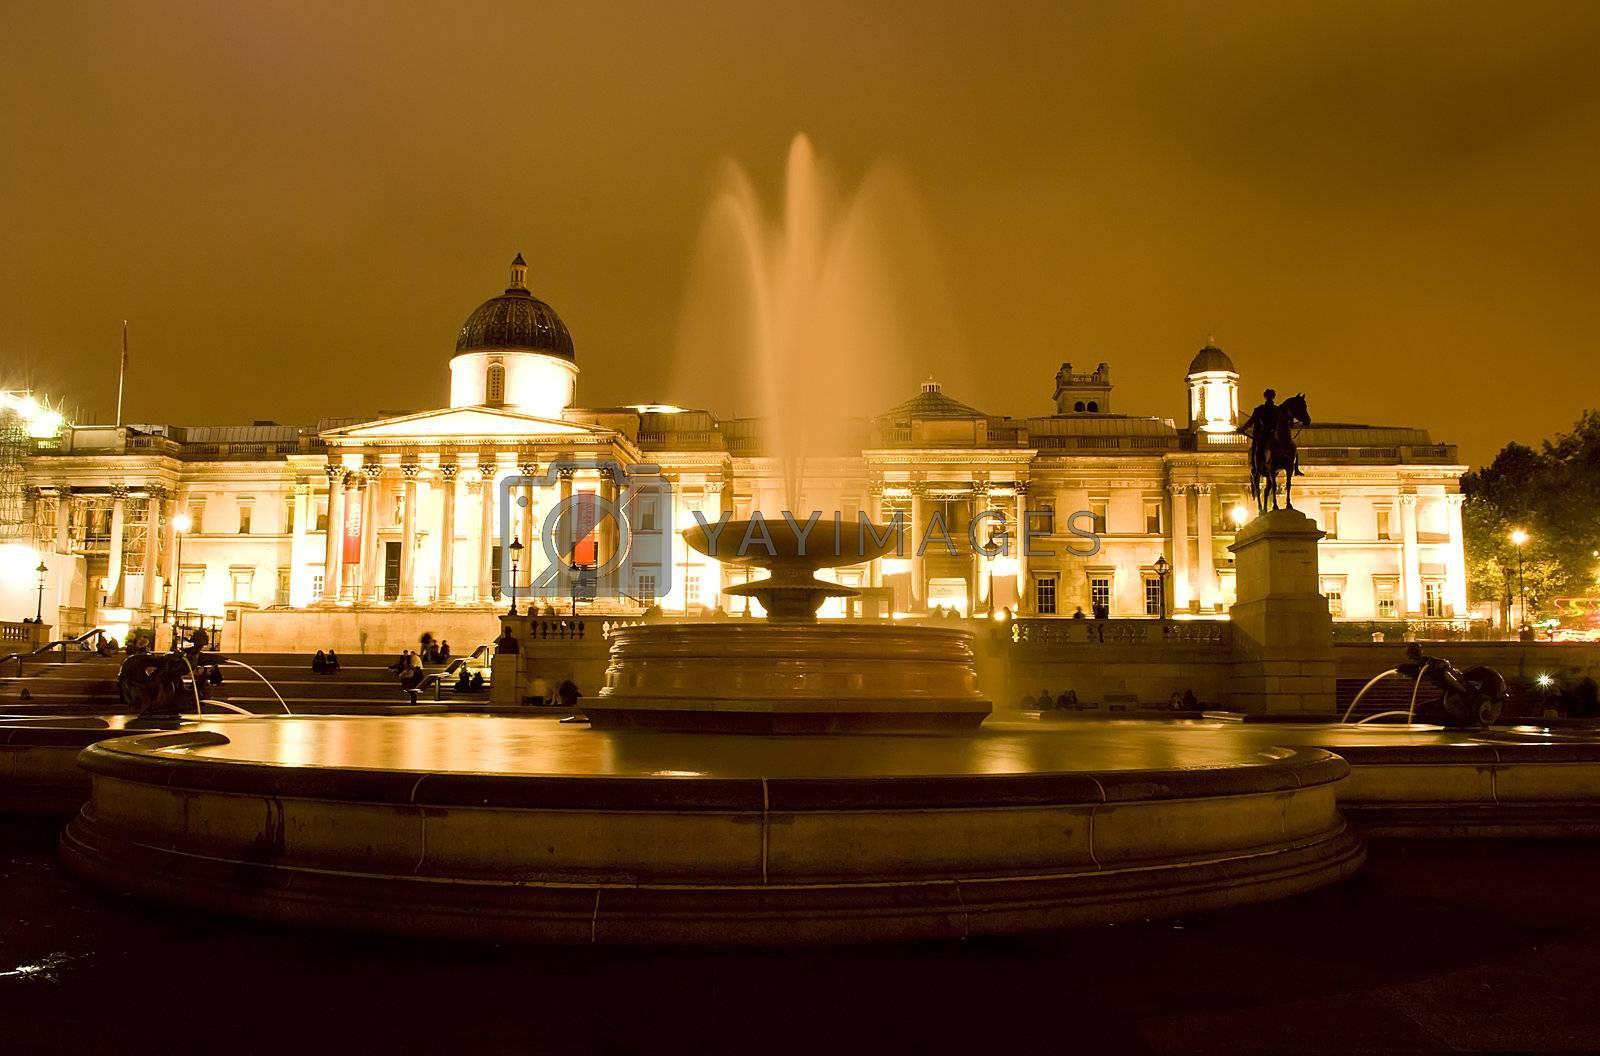 Trafalgar square by Dessie_bg